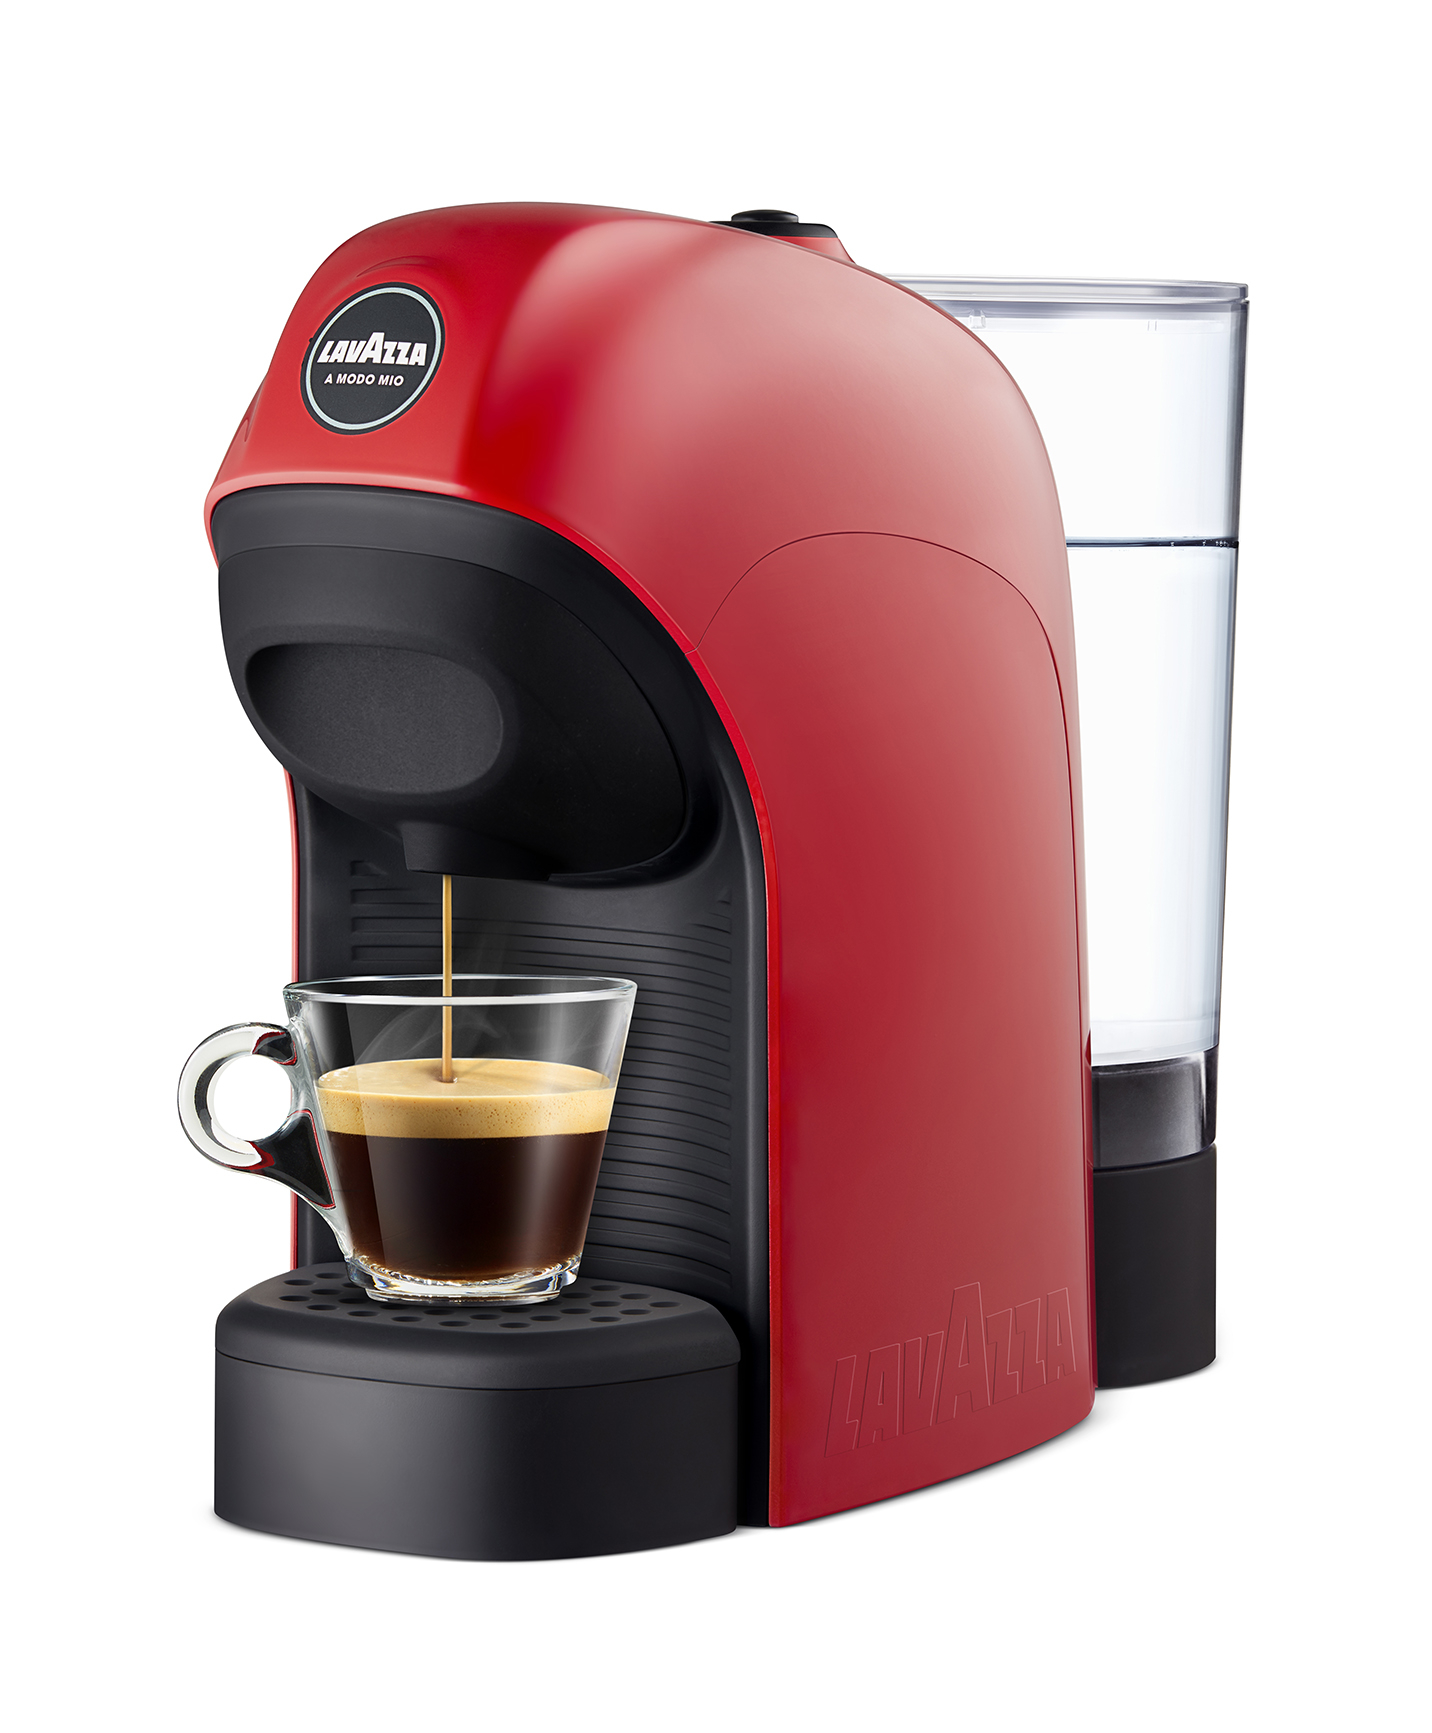 Lavazza LM800 Tiny Macchina per caffè con capsule 0,75 L Semi-automatica